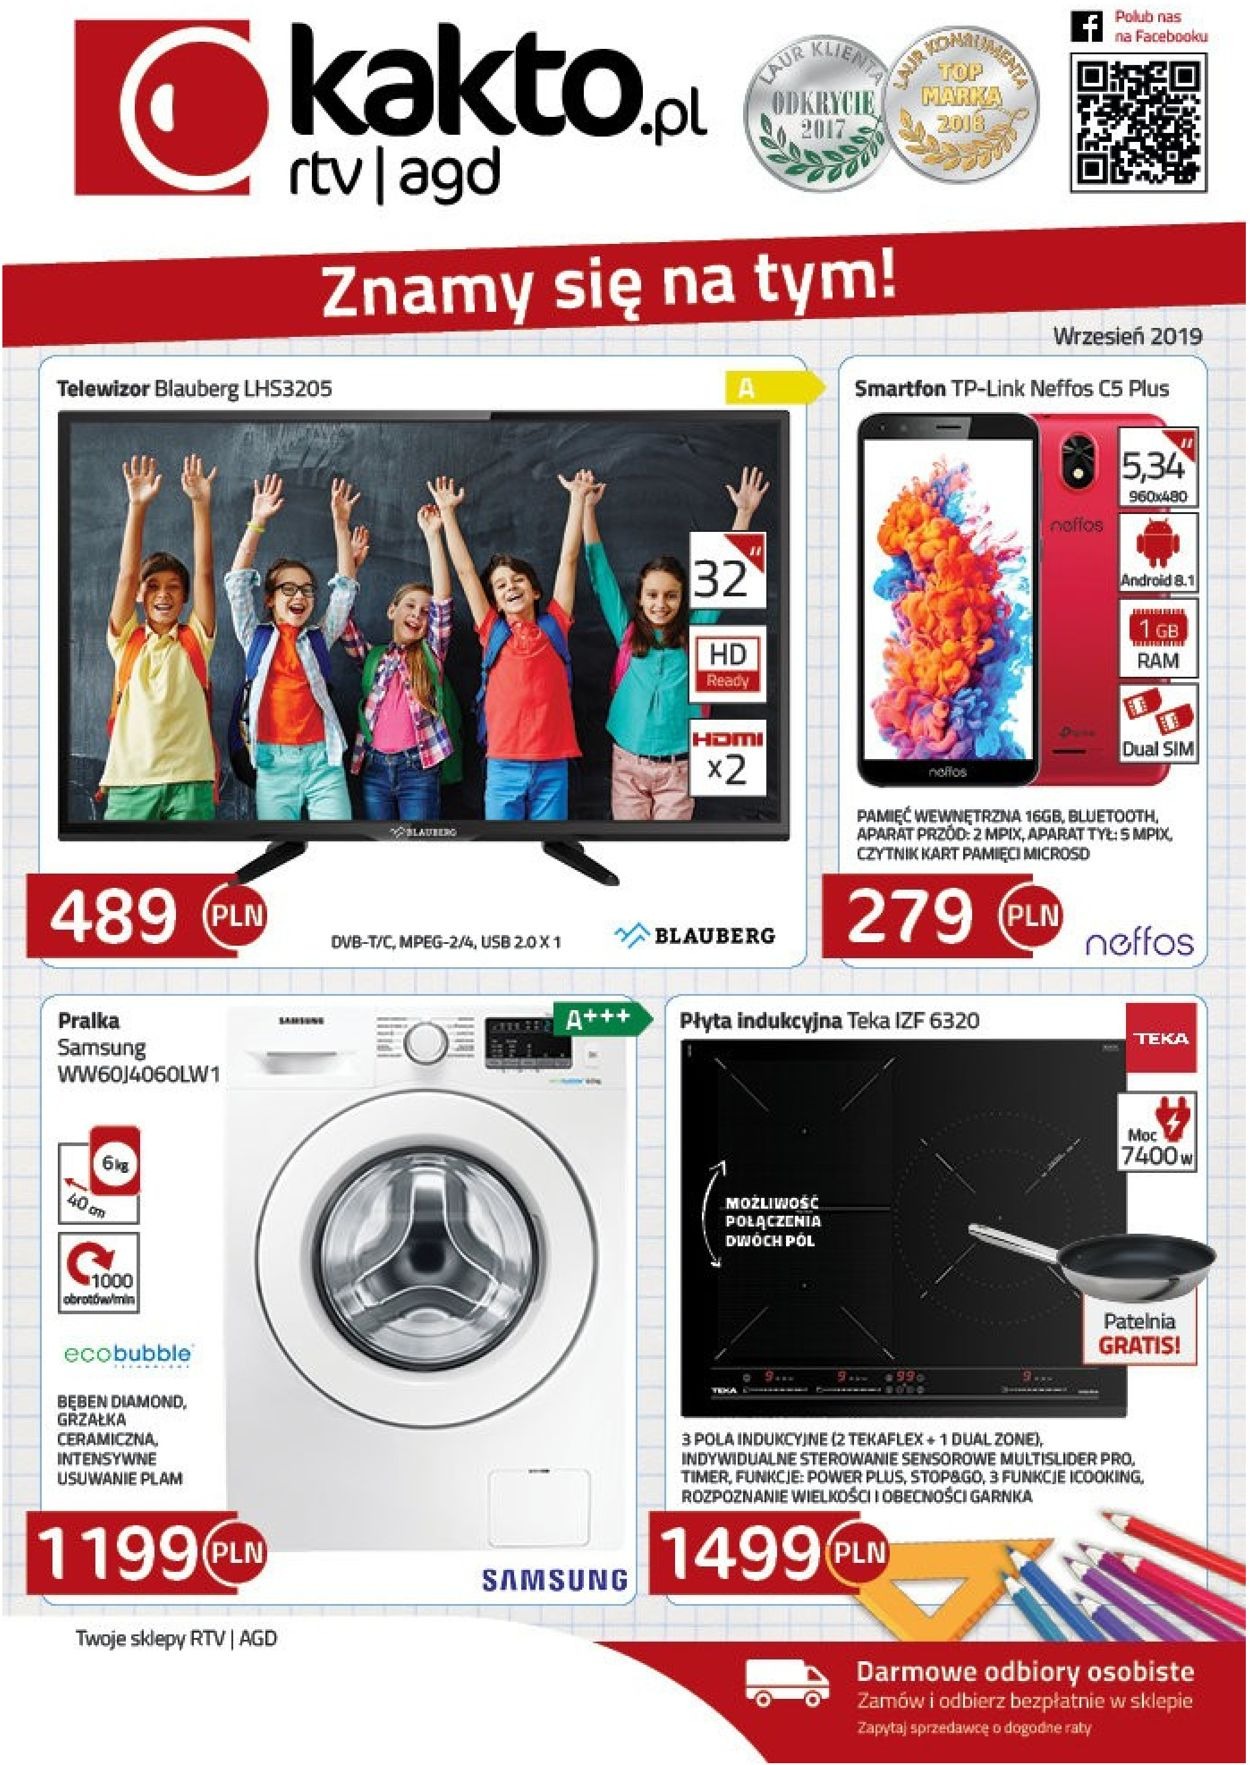 Gazetka promocyjna Kakto - 02.09-30.09.2019